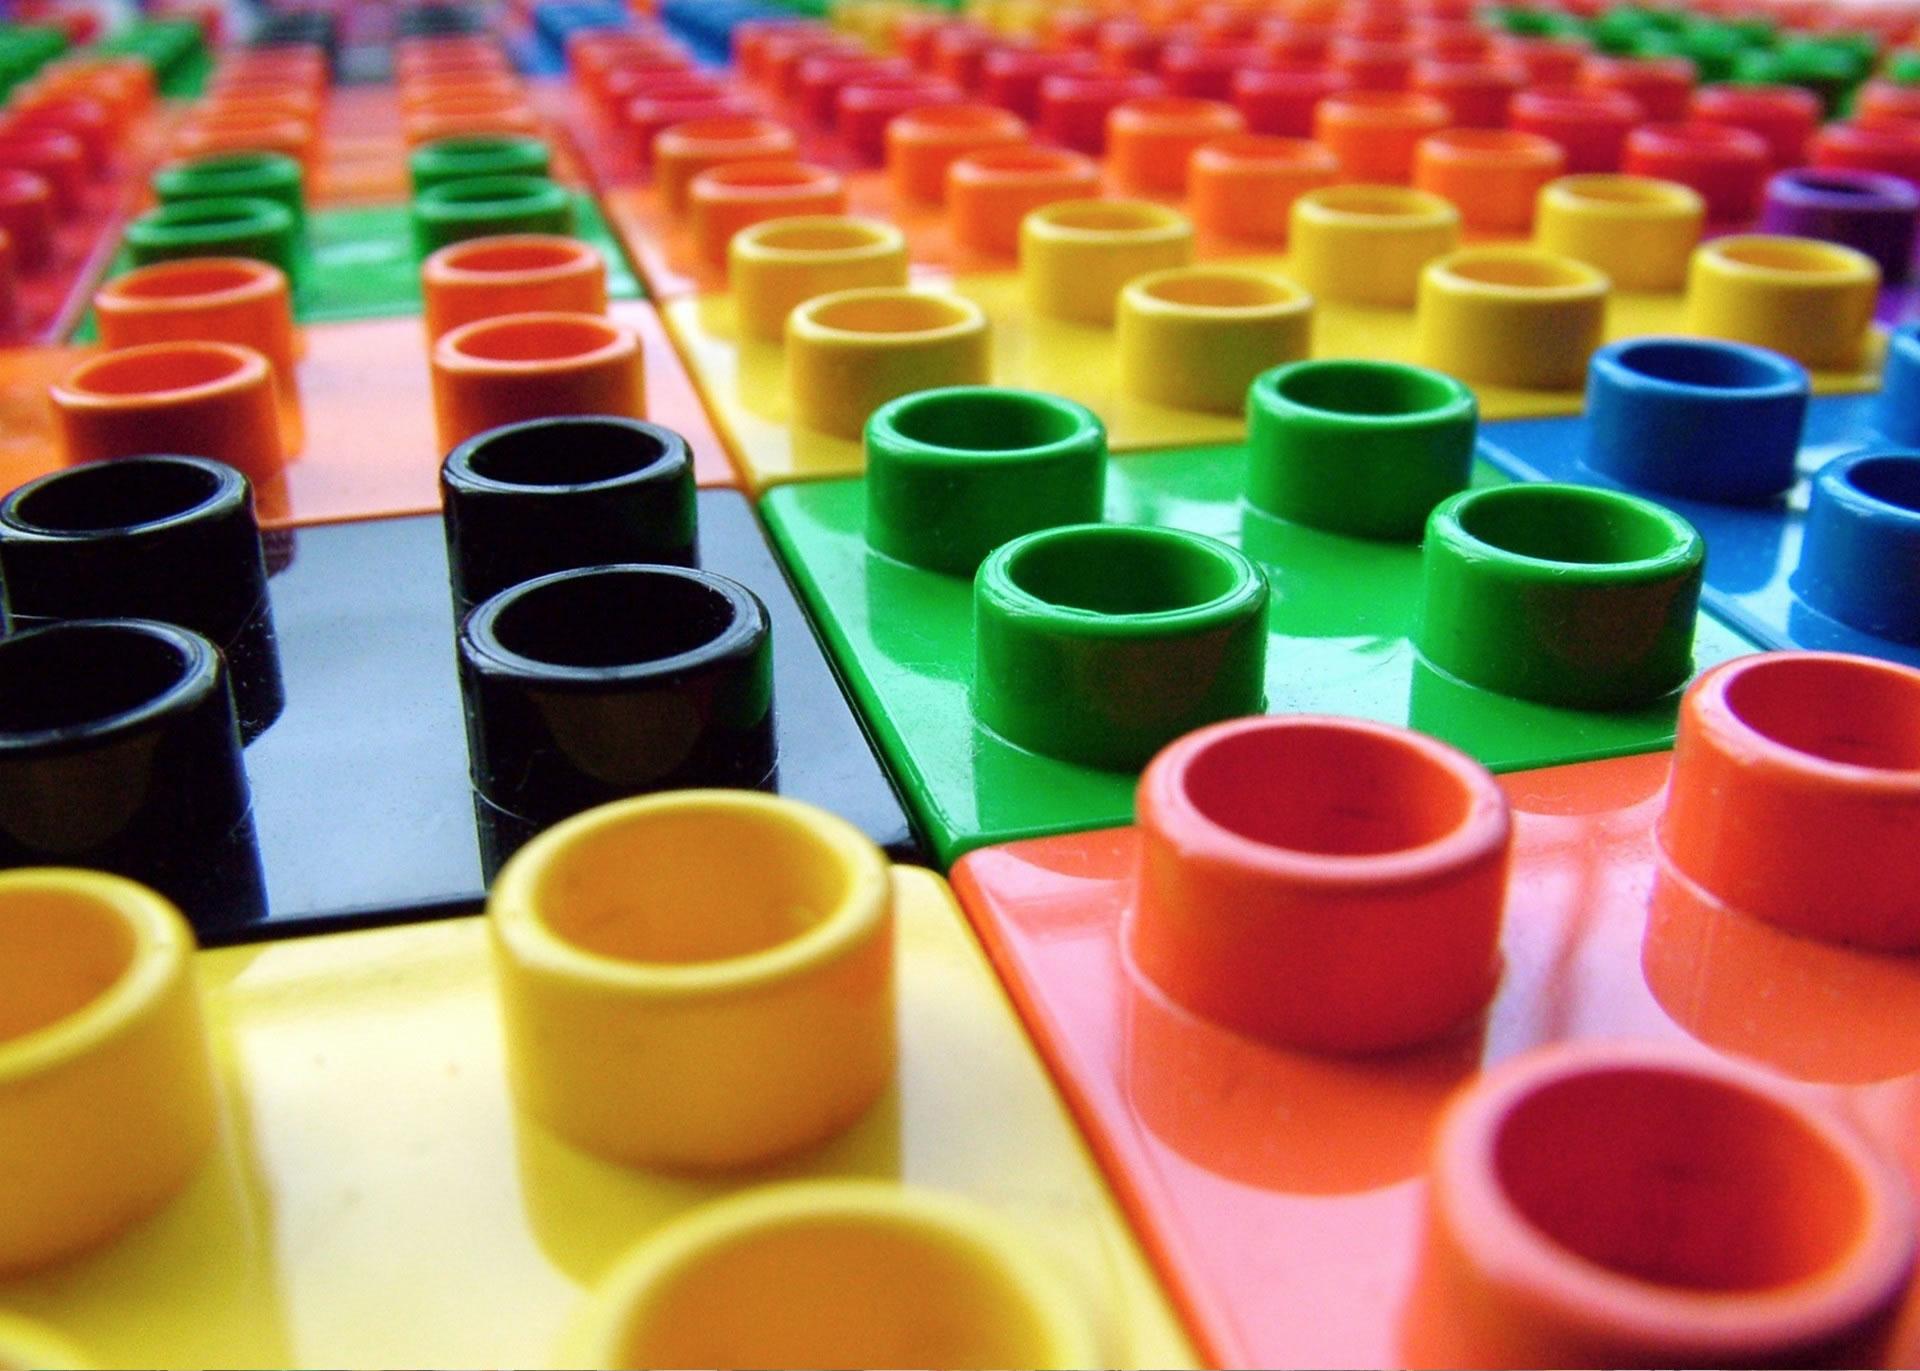 download wallpaper: LEGO wallpaper